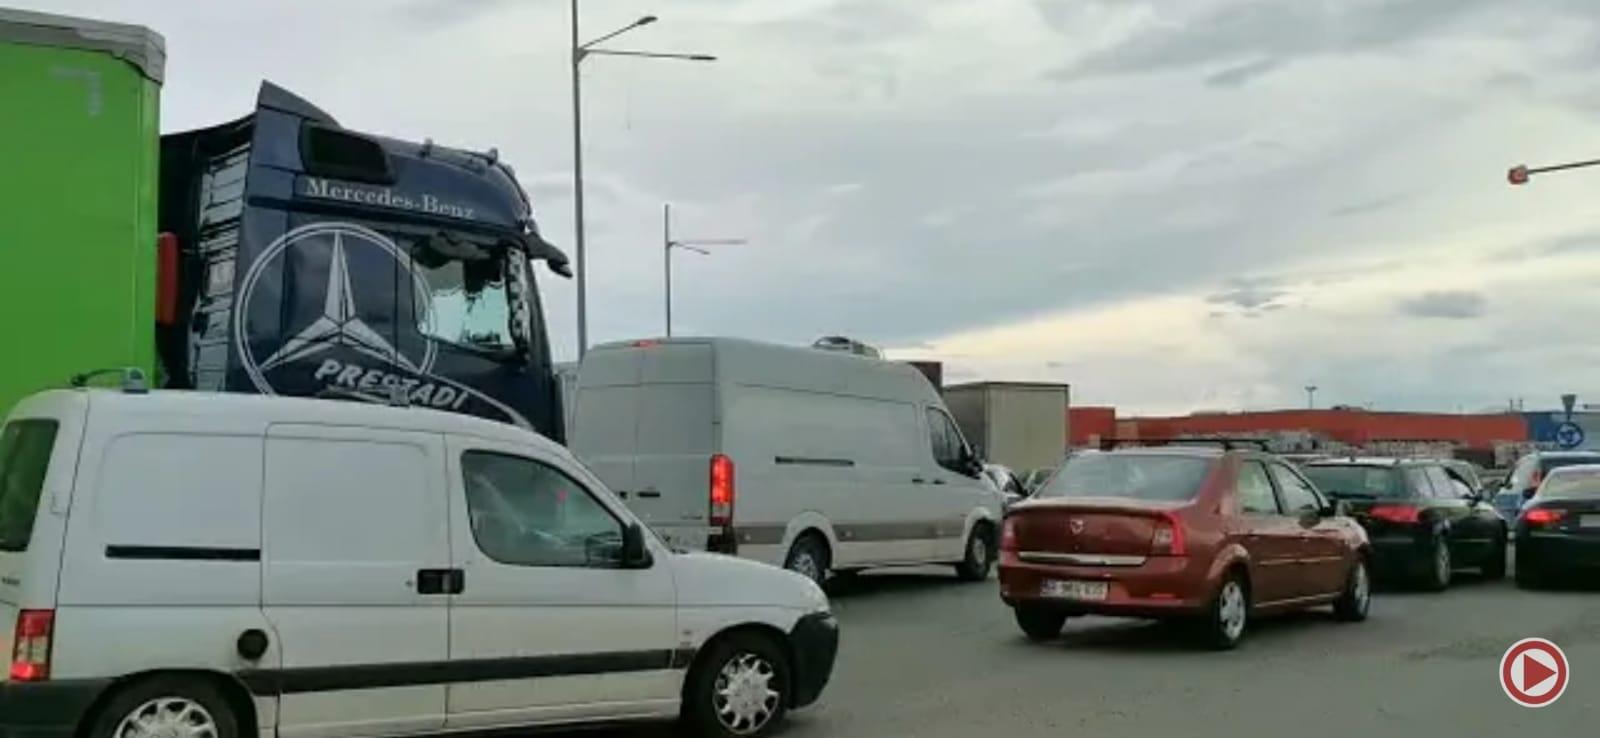 Trafic blocat la ieșirea din nordul Ploieștiului. Motivul: trece o delegație străină